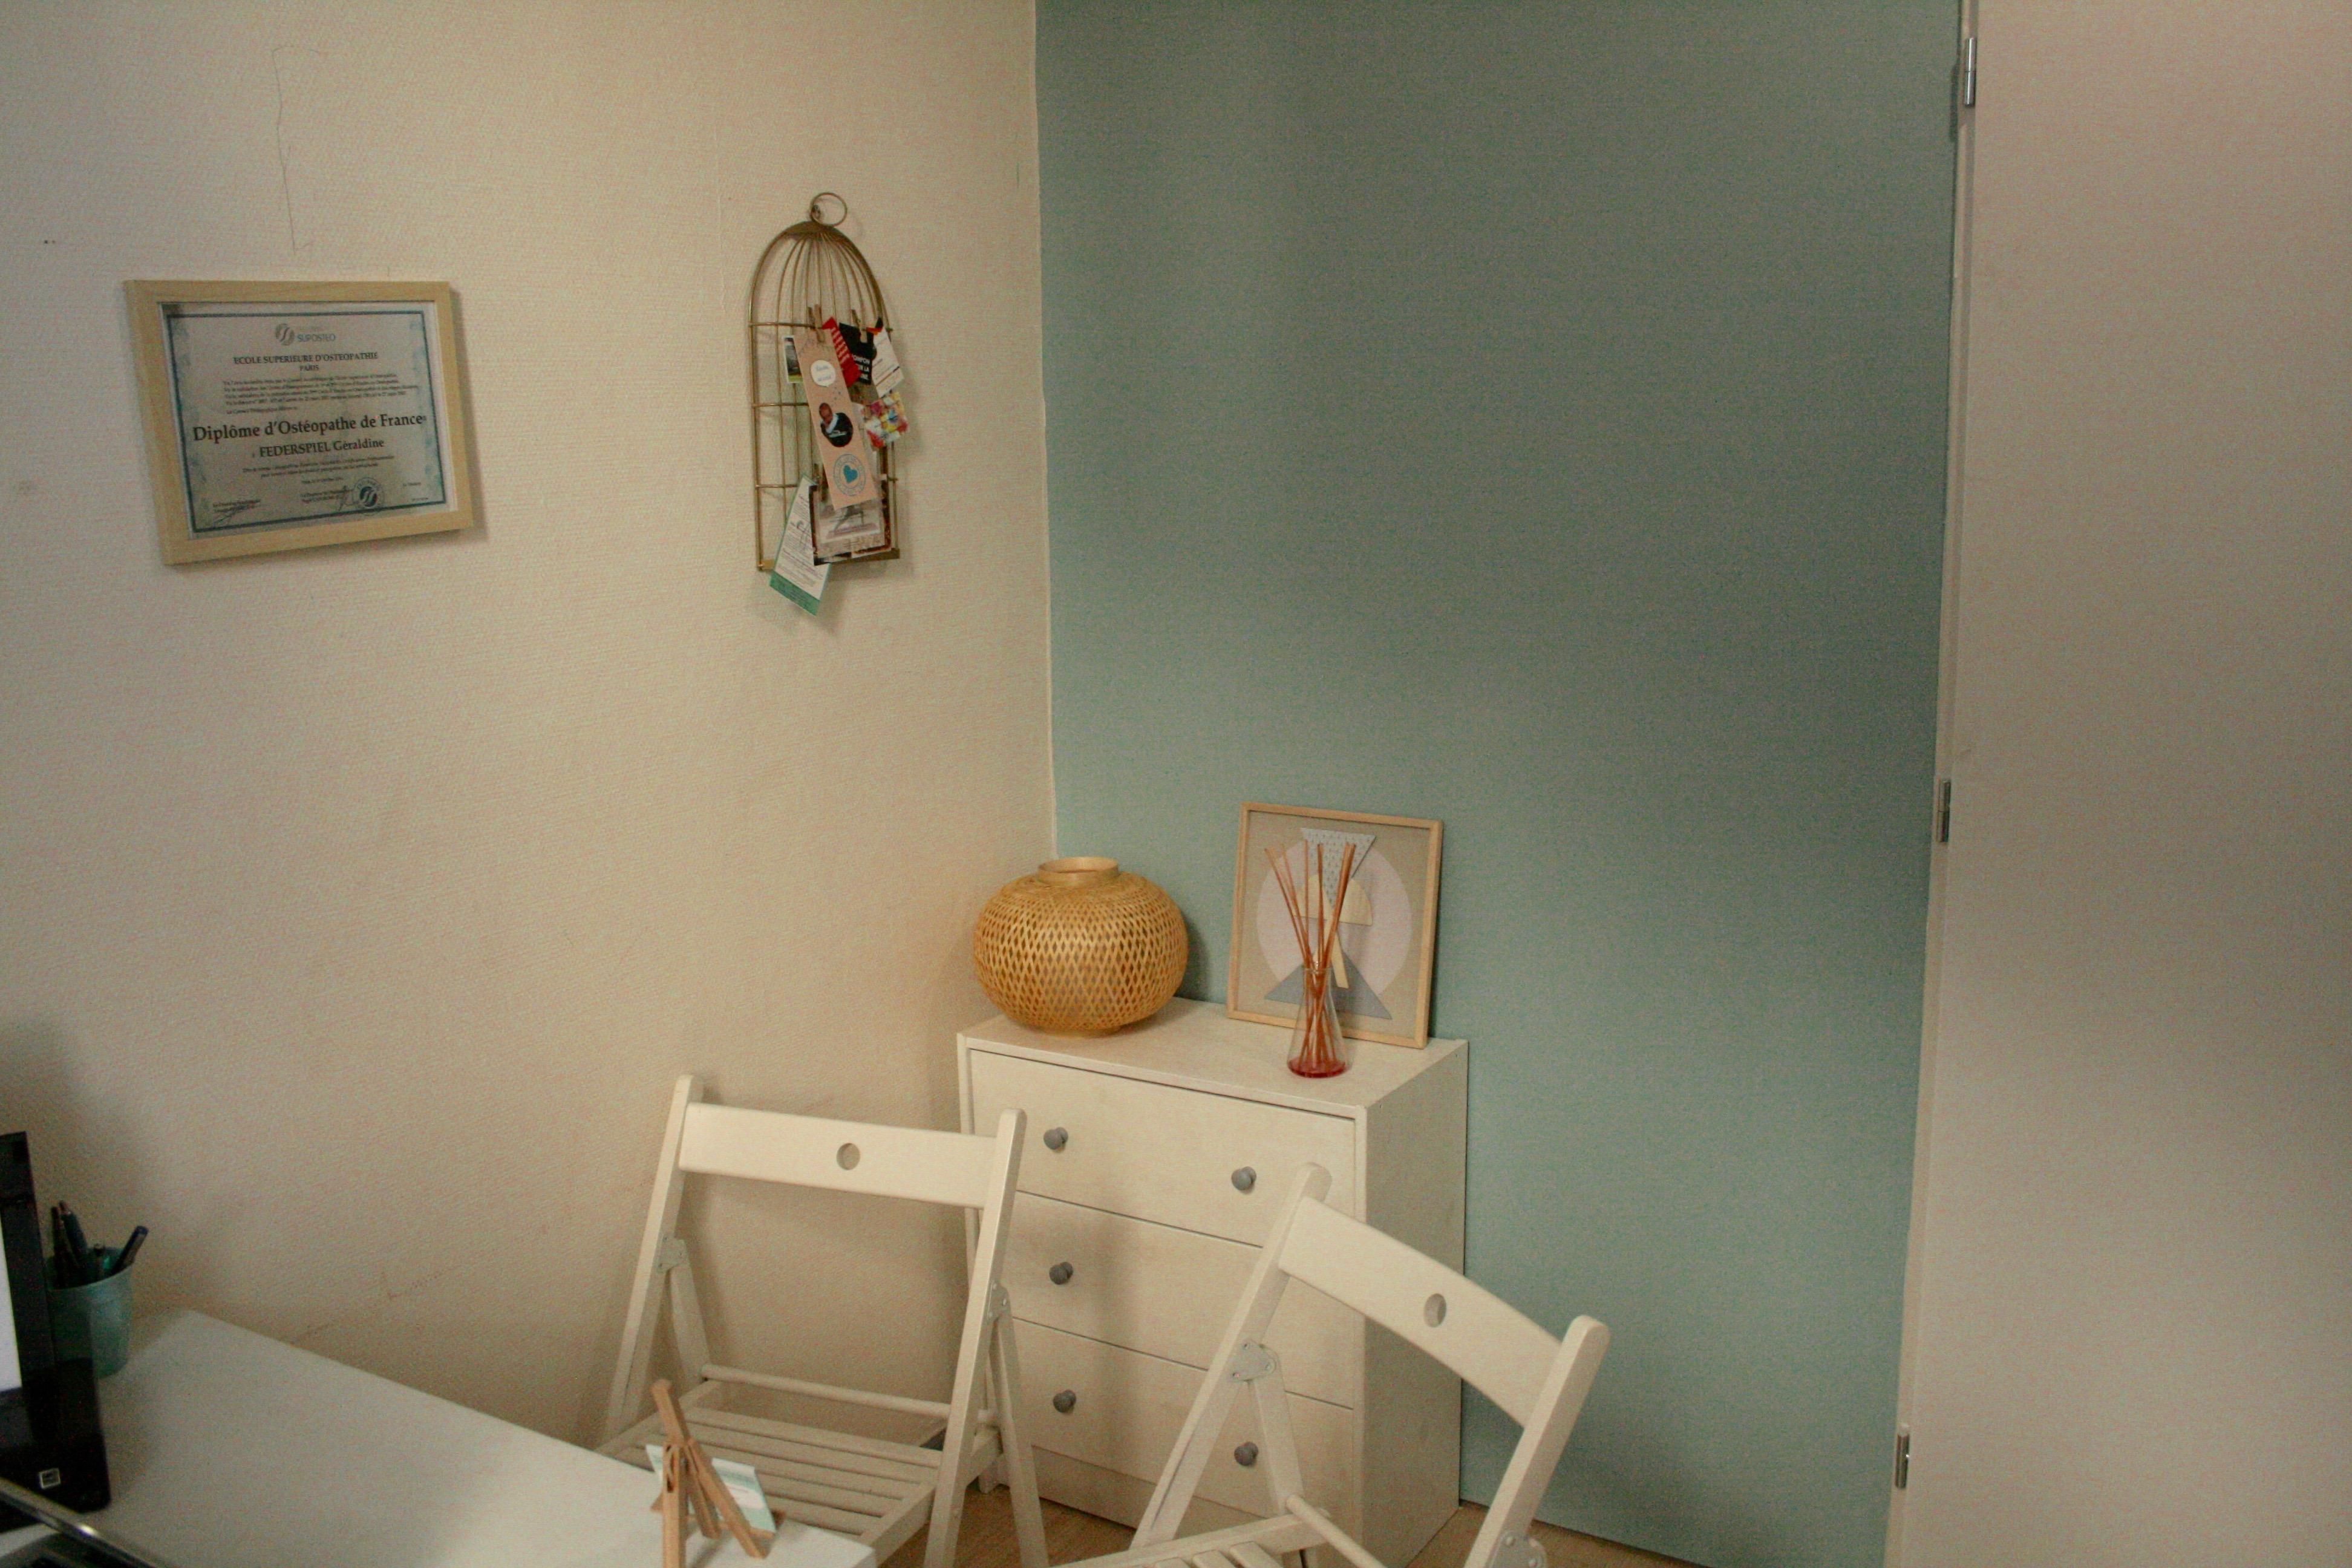 prendre rdv ost opathe toulouse rabastens g raldine federspiel. Black Bedroom Furniture Sets. Home Design Ideas